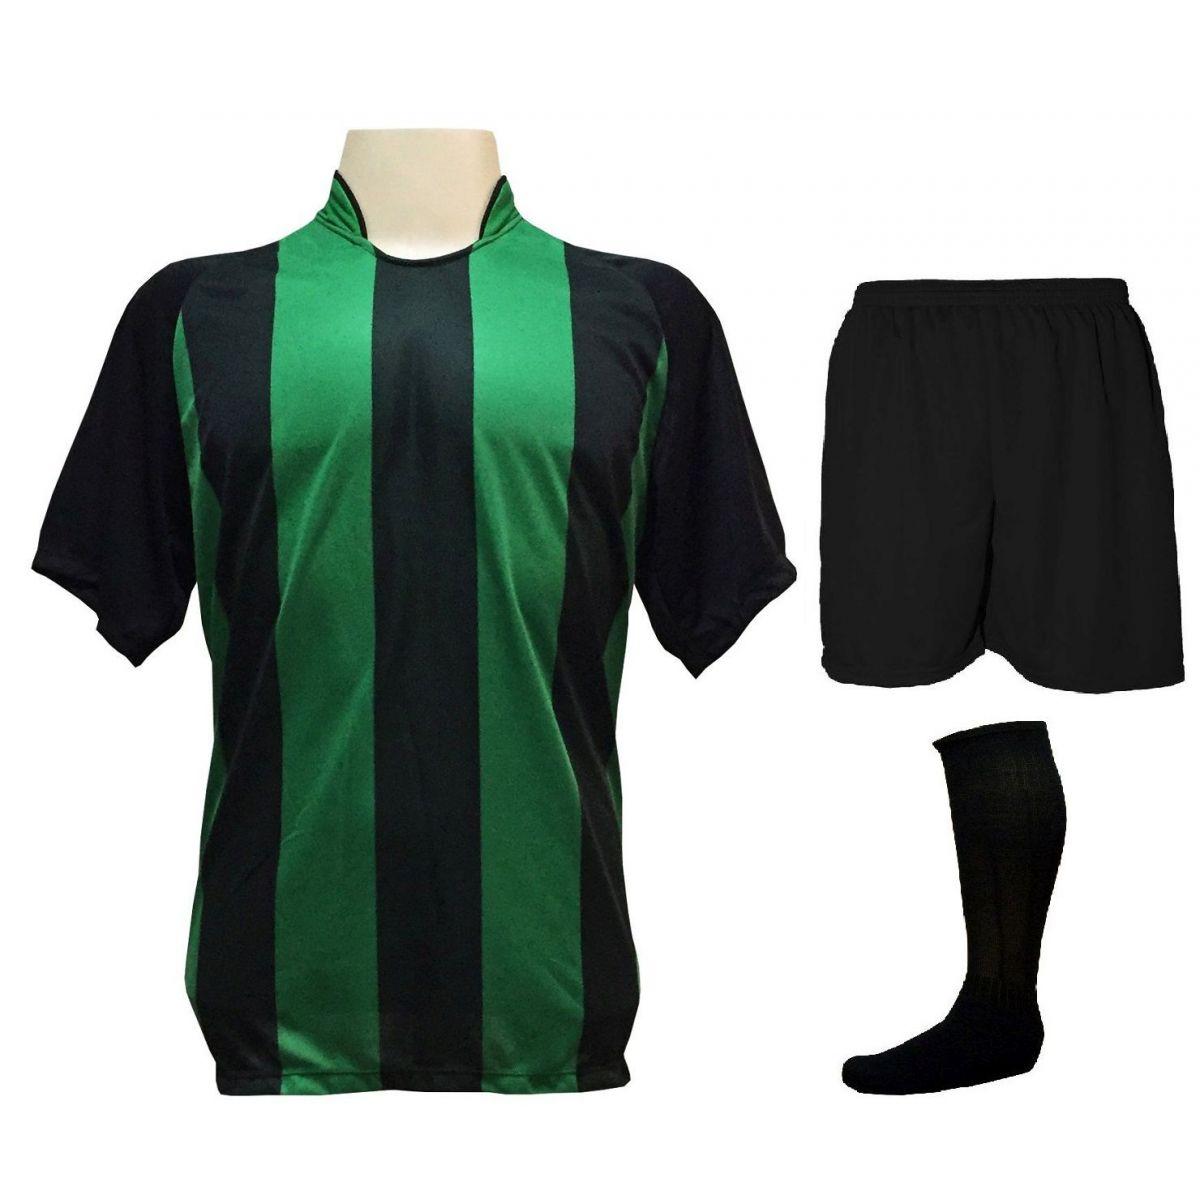 Uniforme Esportivo com 12 Camisas modelo Milan Preto/Verde + 12 Calções modelo Madrid Preto + 12 Pares de meiões Preto